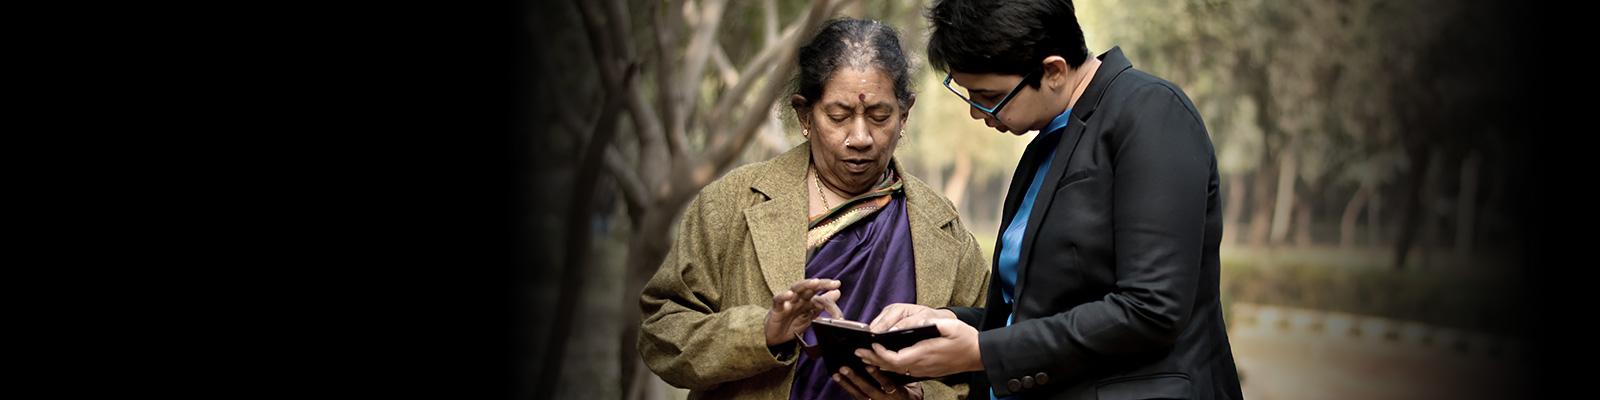 インド スマートフォン ユーザー イメージ